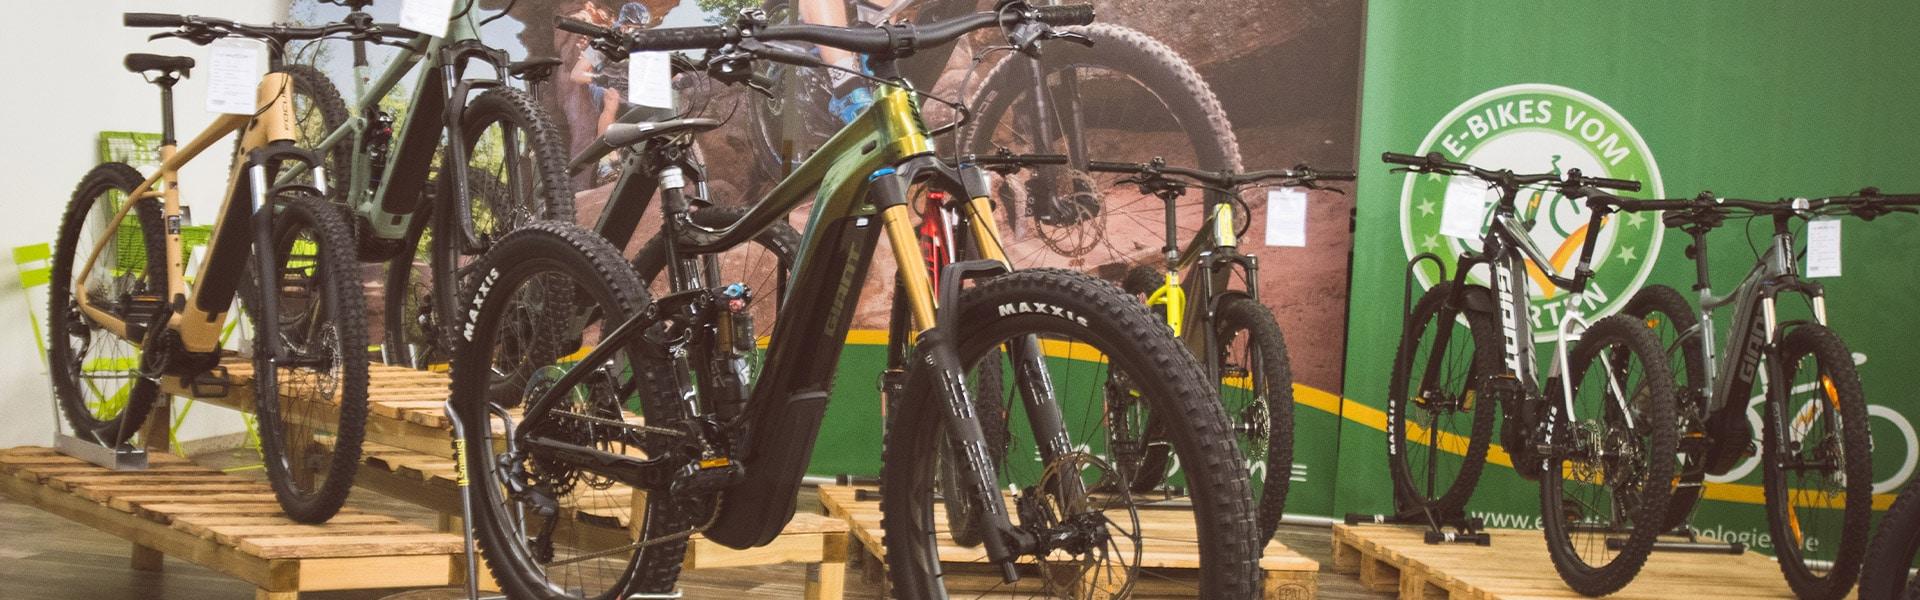 Der Shop der e-motion e-Bike Welt Sankt Wendel